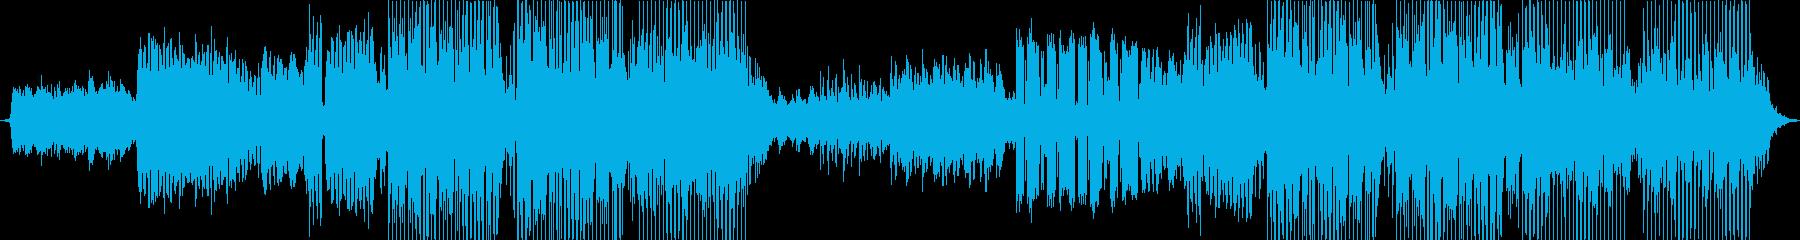 ピアノを使ったEDMの再生済みの波形